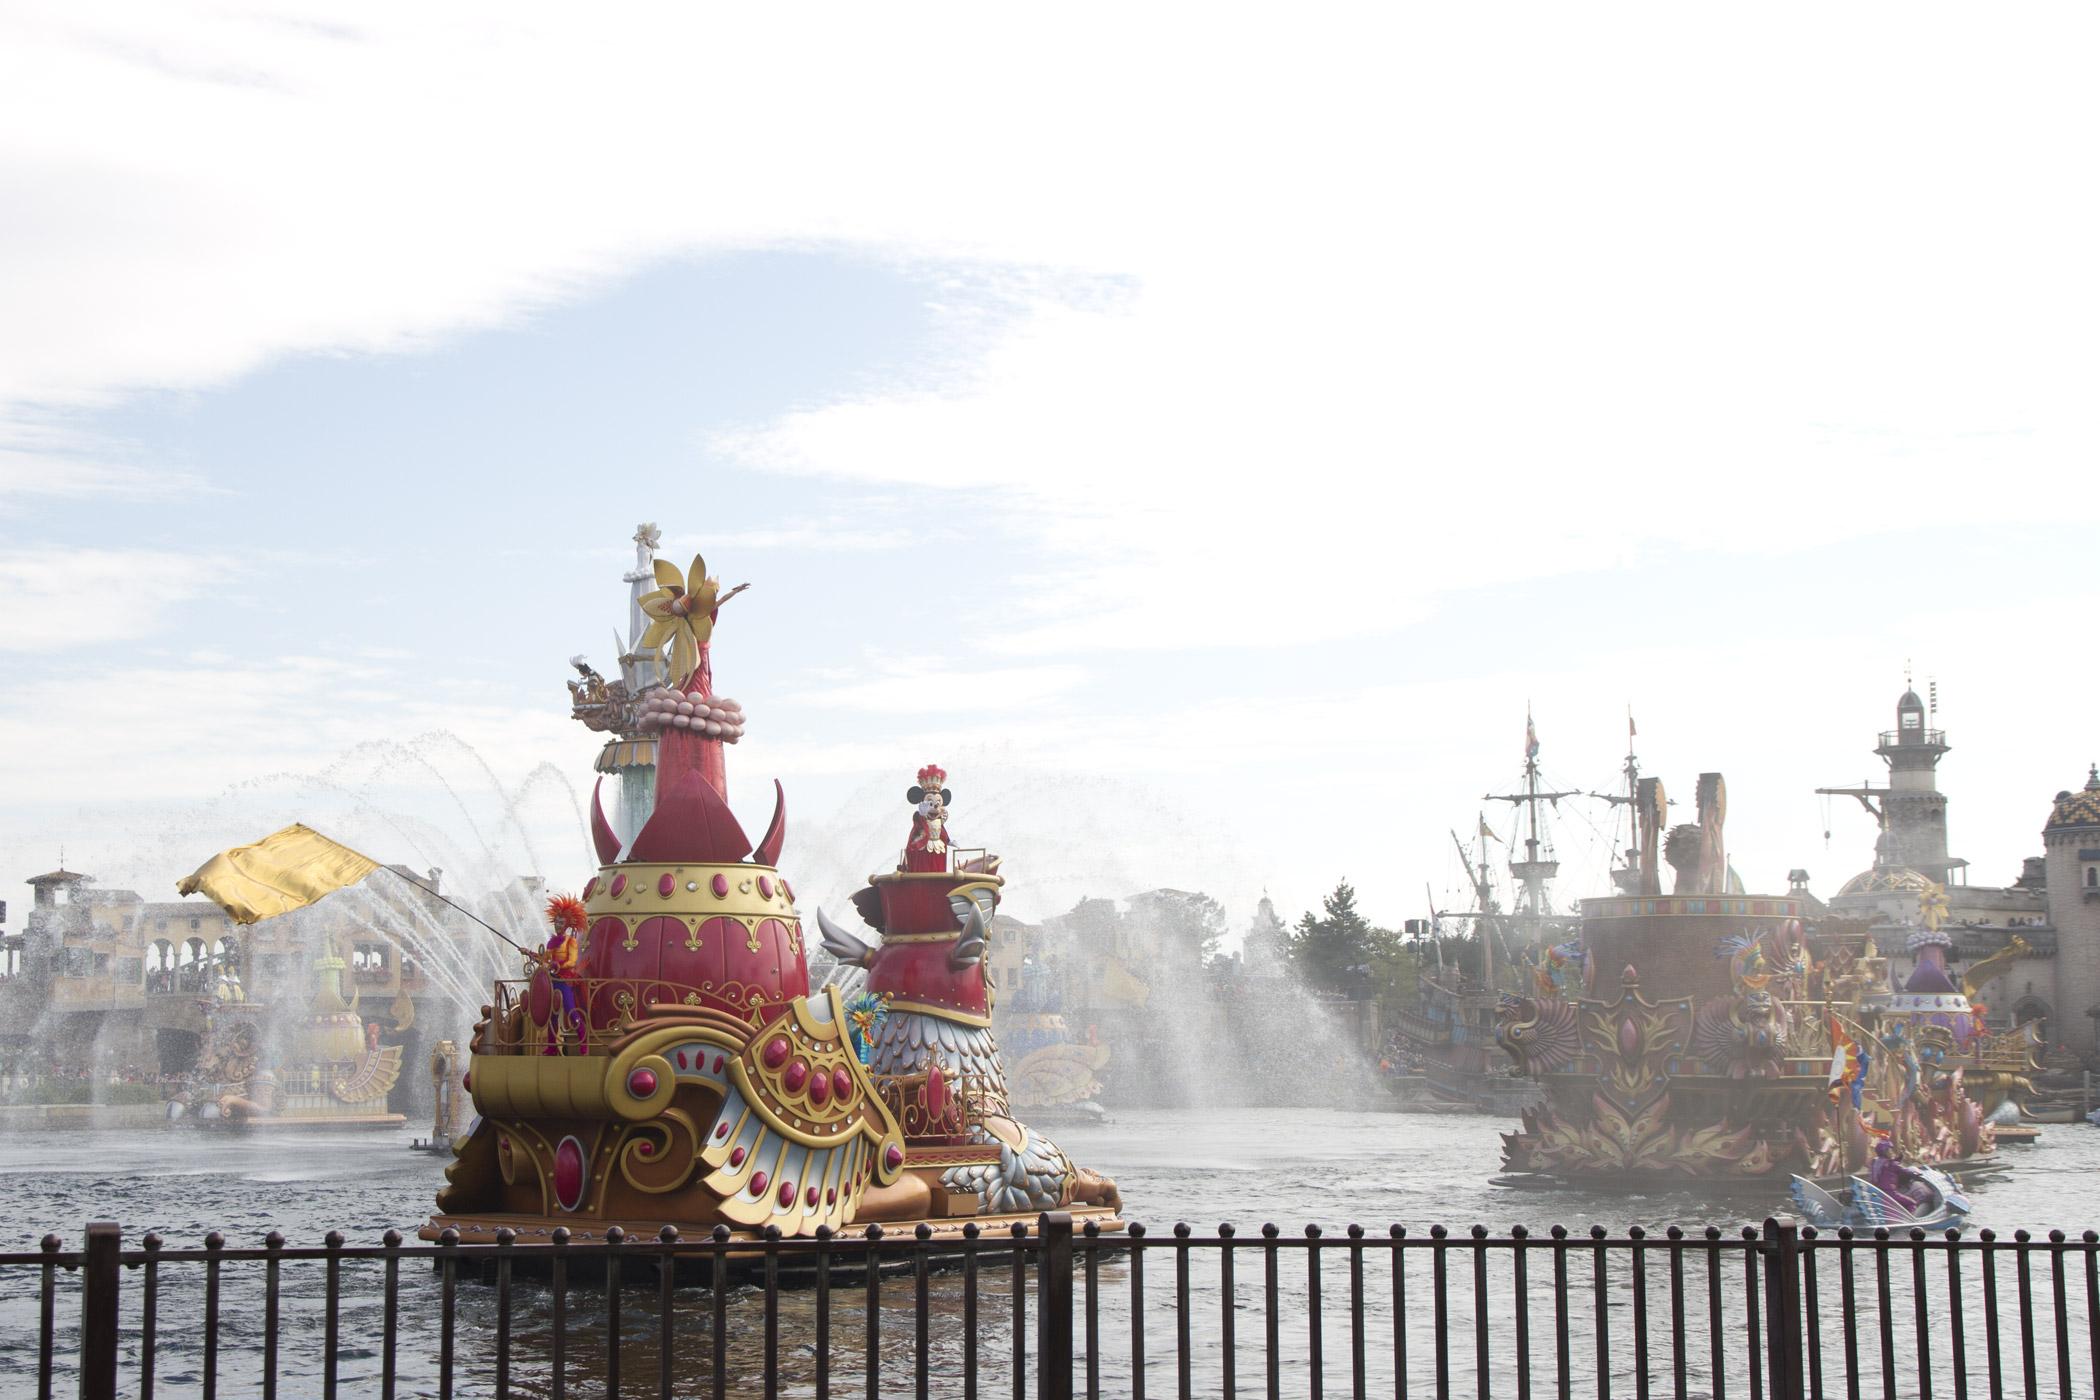 オリエンタルランド 減収減益も計画通り推移 4月にチケット値上げのサムネイル画像